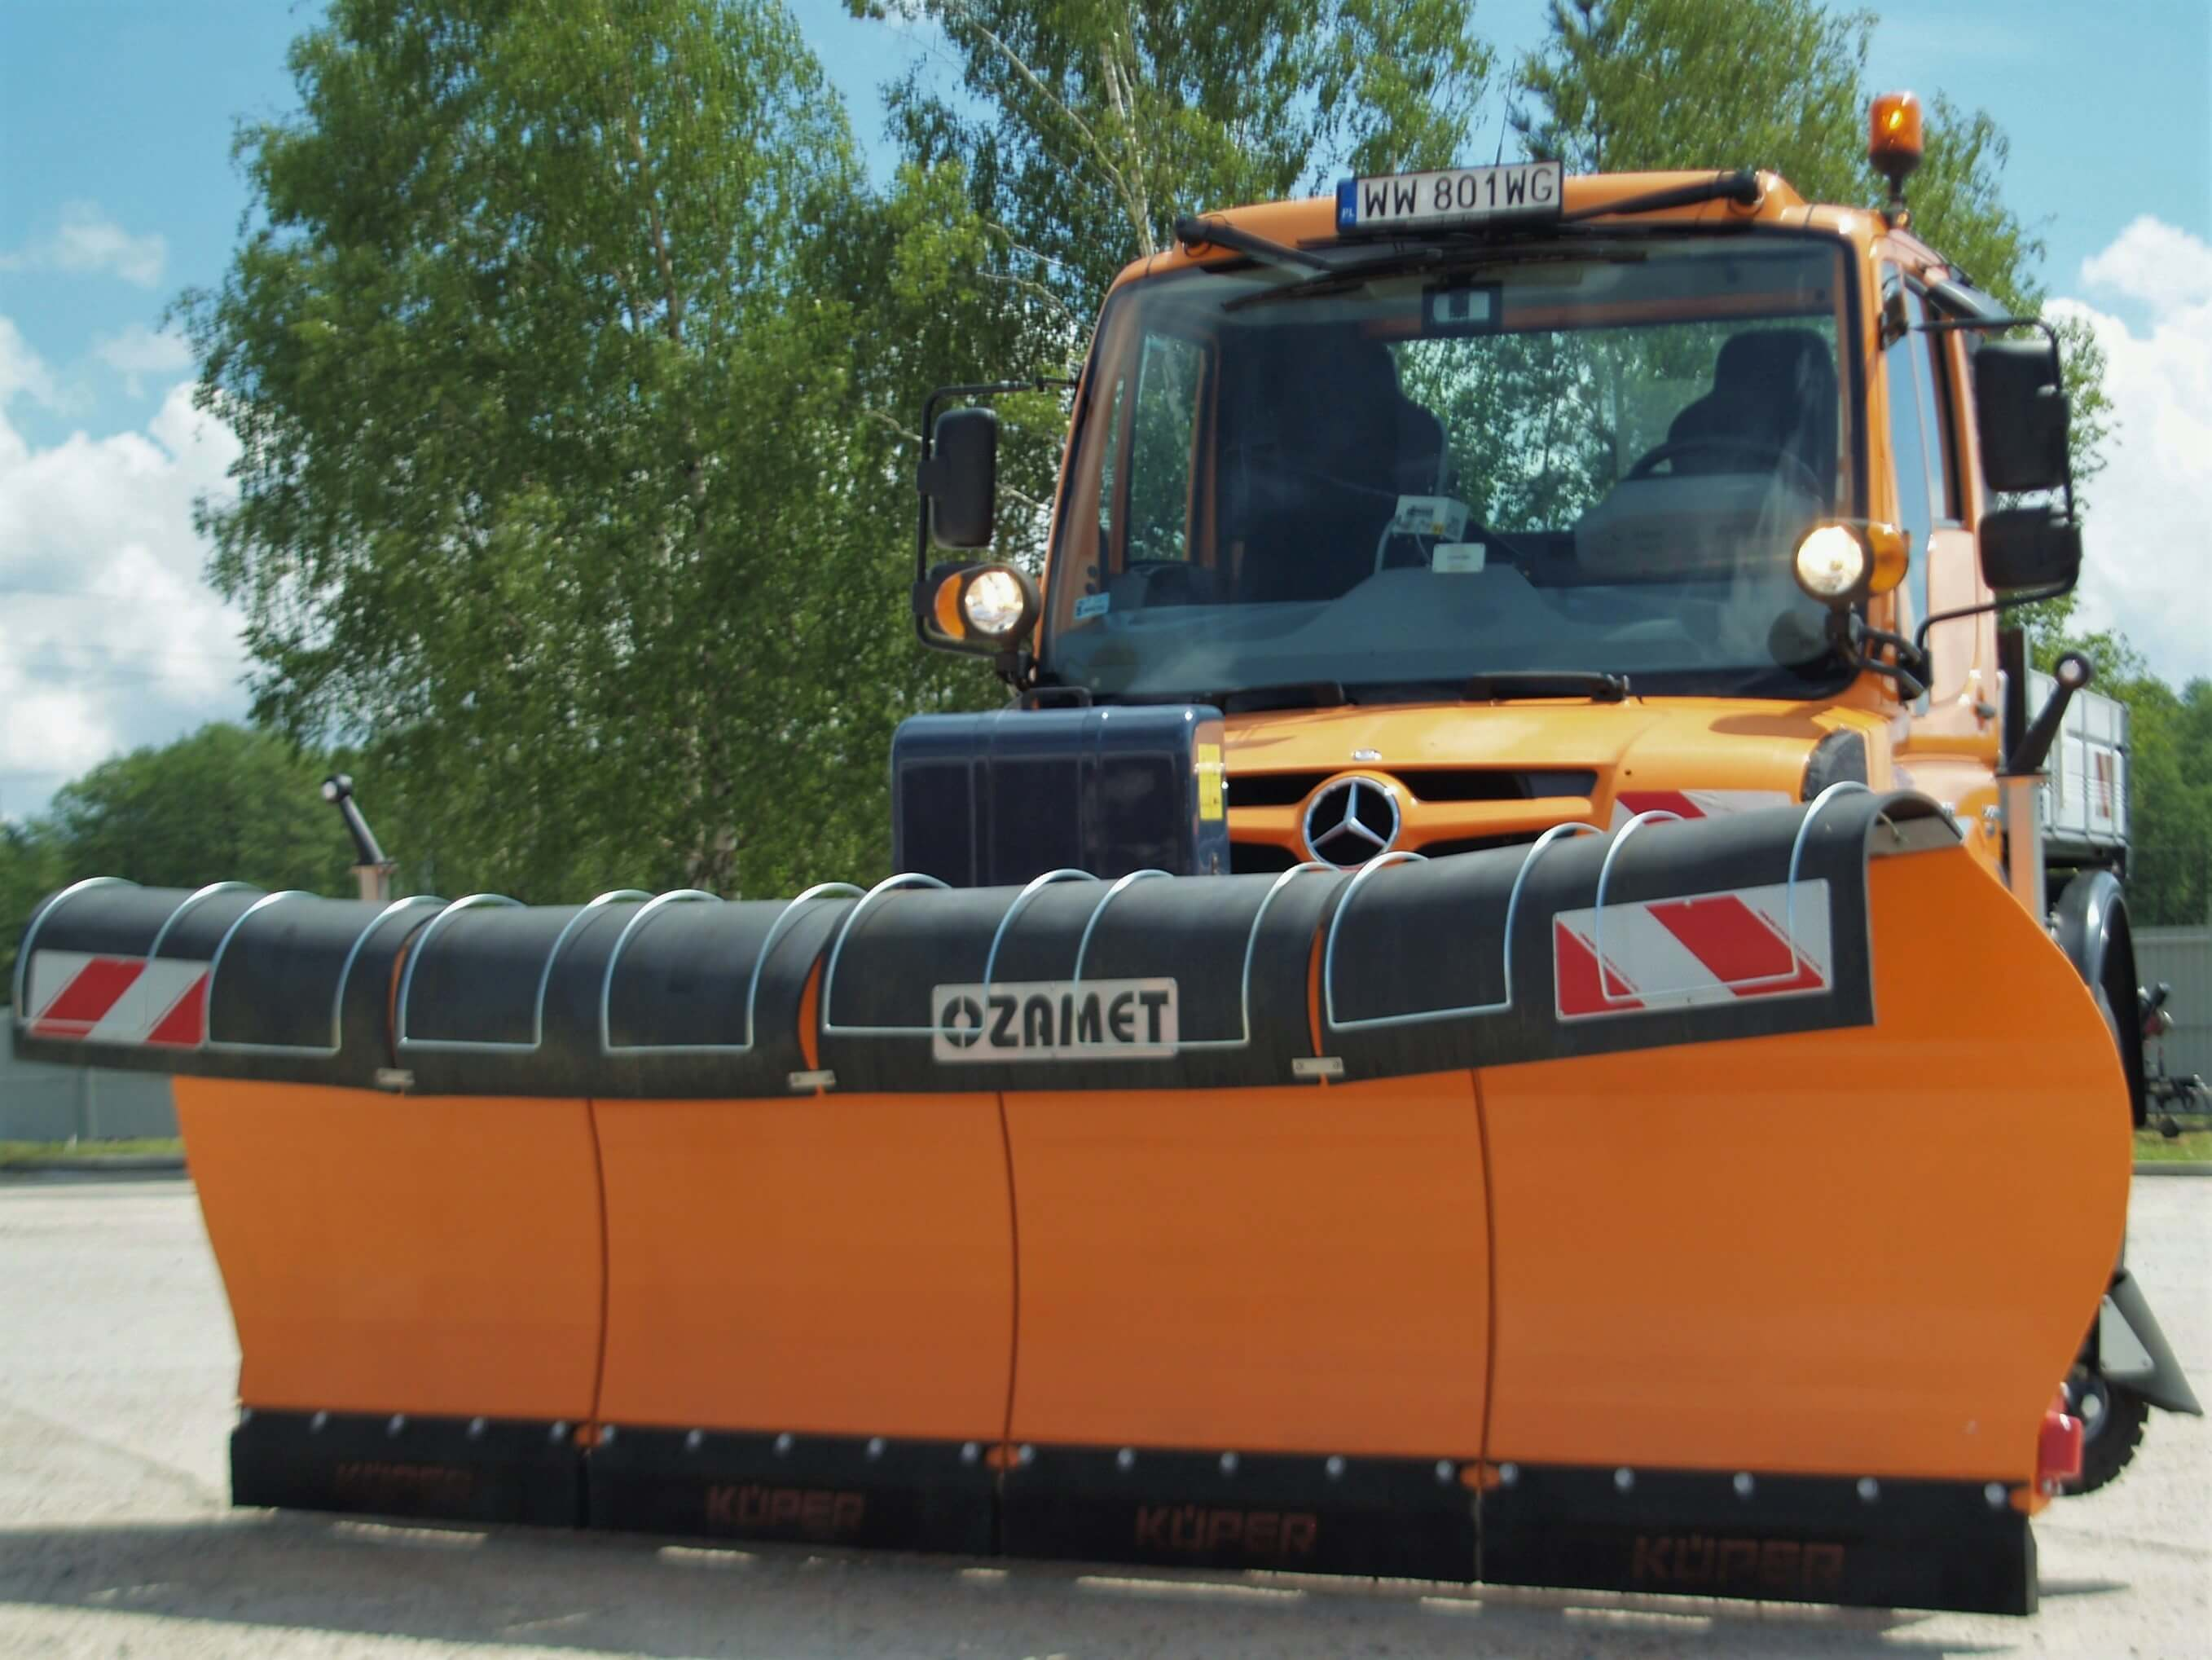 Ozamet snow plow